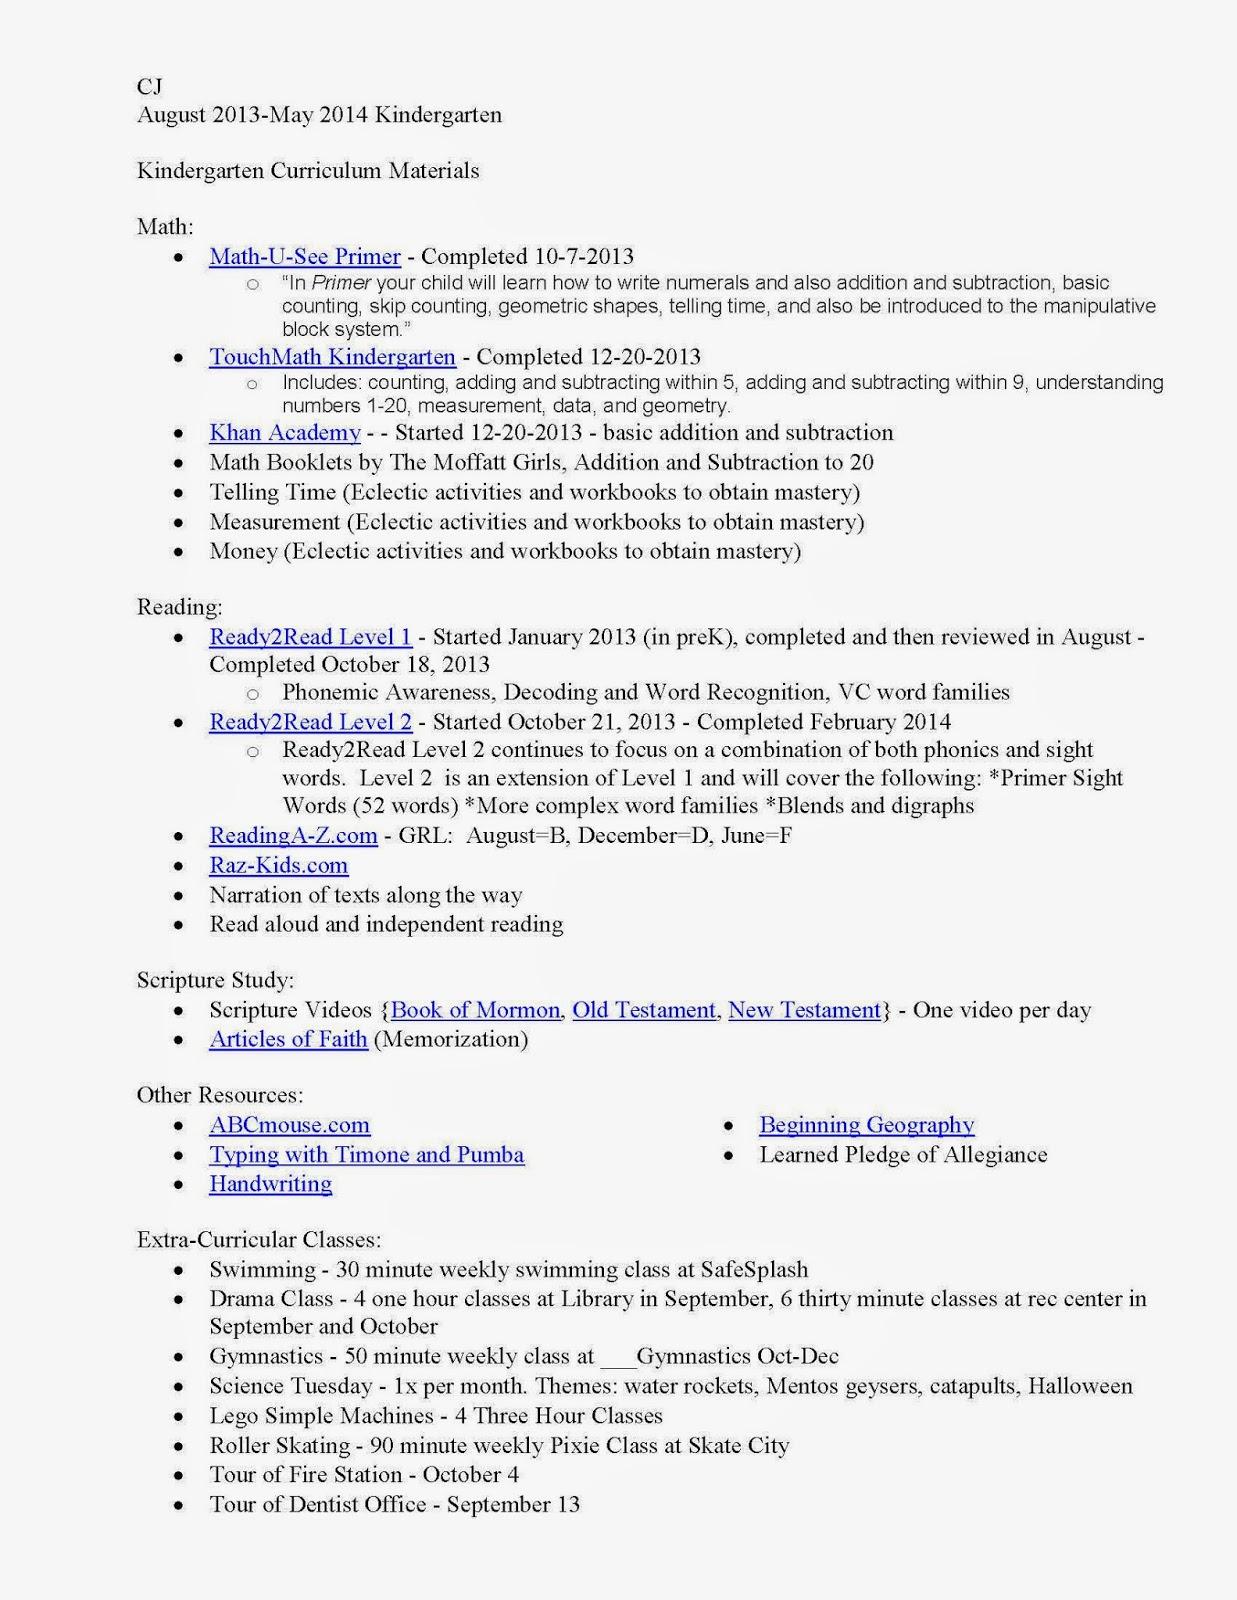 Blog+Kindergarten+Curriculum+Report+2013 2014 Page 1 - Homeschool Curriculum Kindergarten